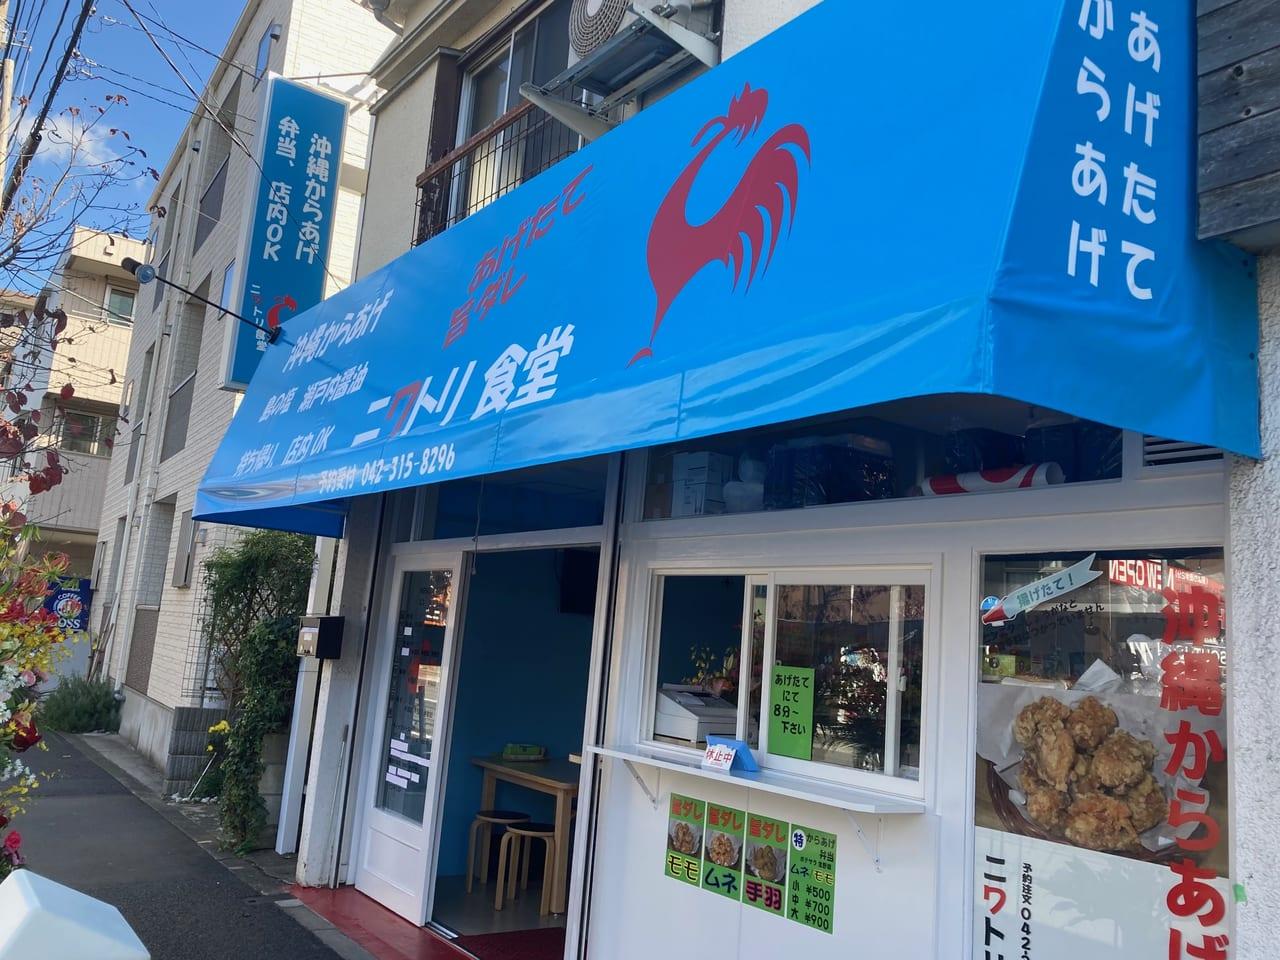 今熱い唐揚げのお店が国分寺駅近くに!!沖縄からあげ『ニワトリ食堂』が11月8日オープン!!